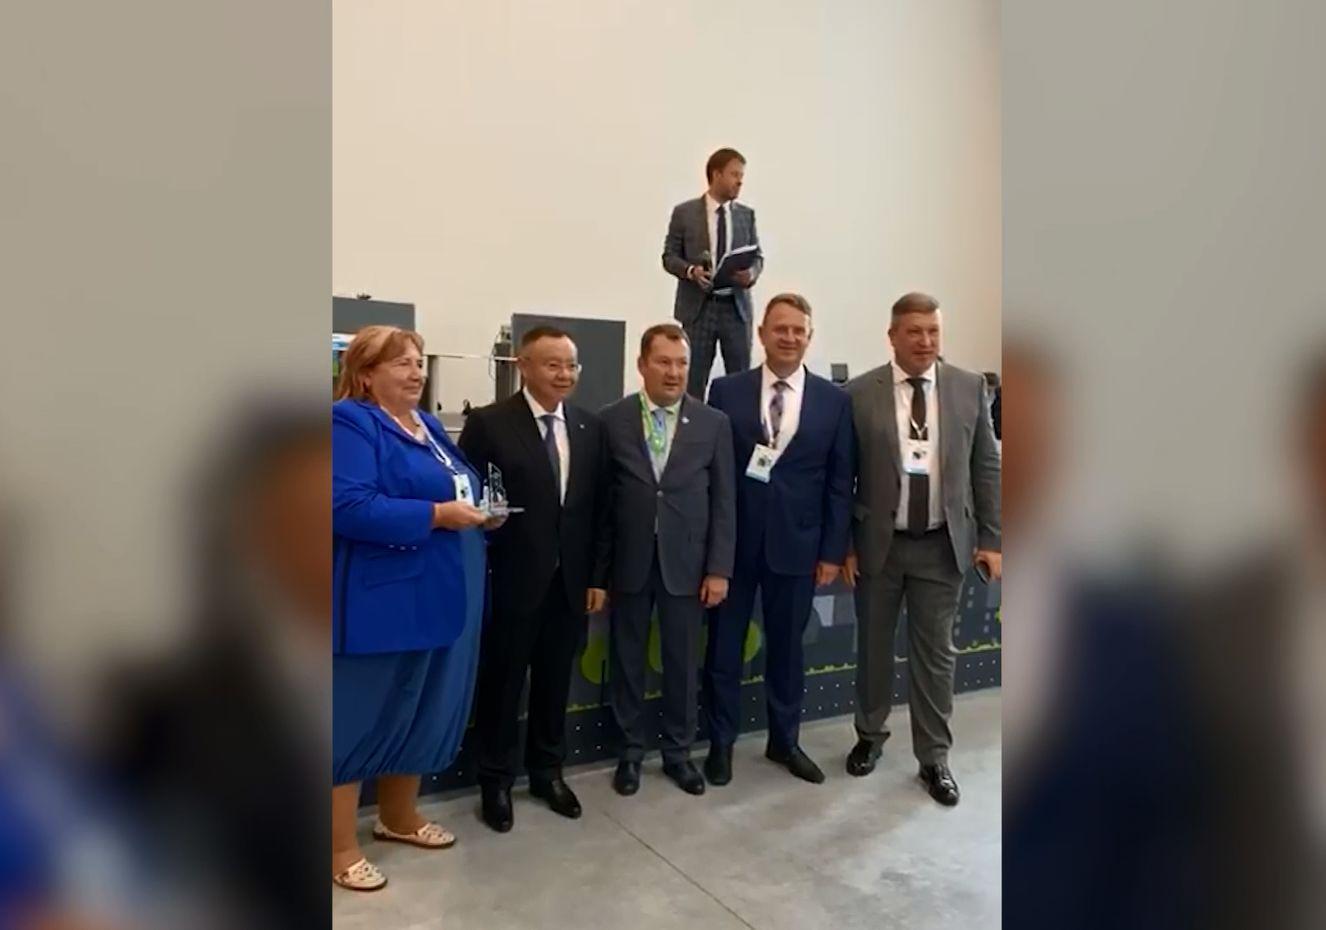 Города Ярославской области Данилов и Мышкин стали победителями конкурса Минстроя